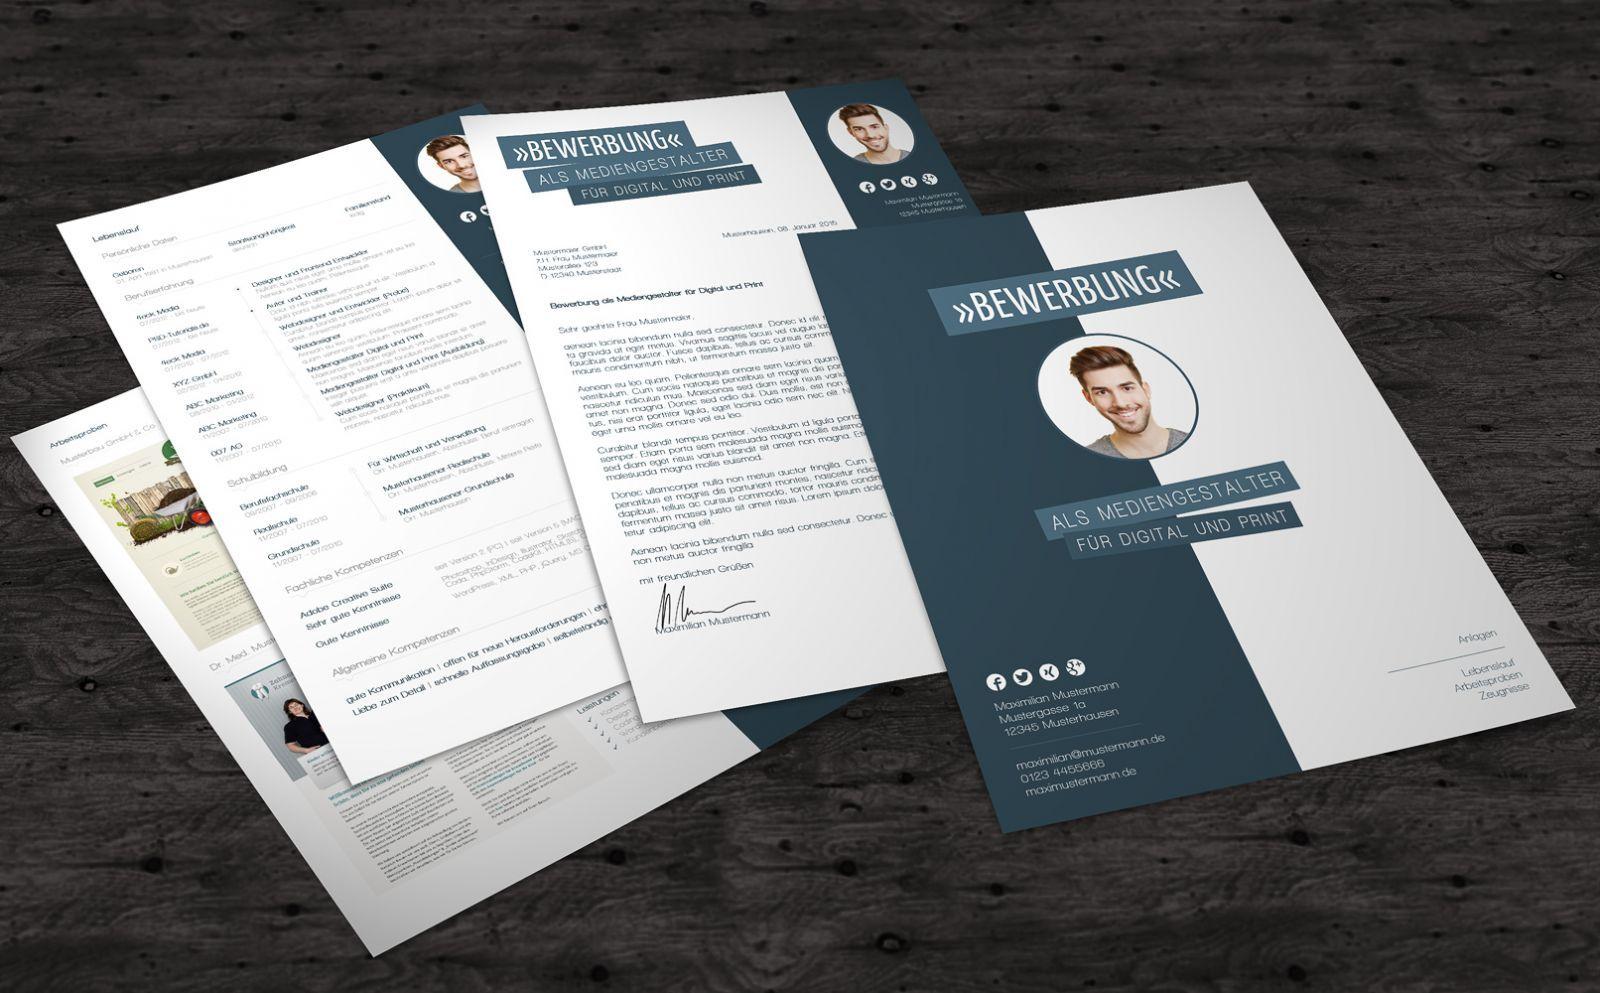 Professionelle Bewerbungsvorlagen Mit Deckblatt Anschreiben Und